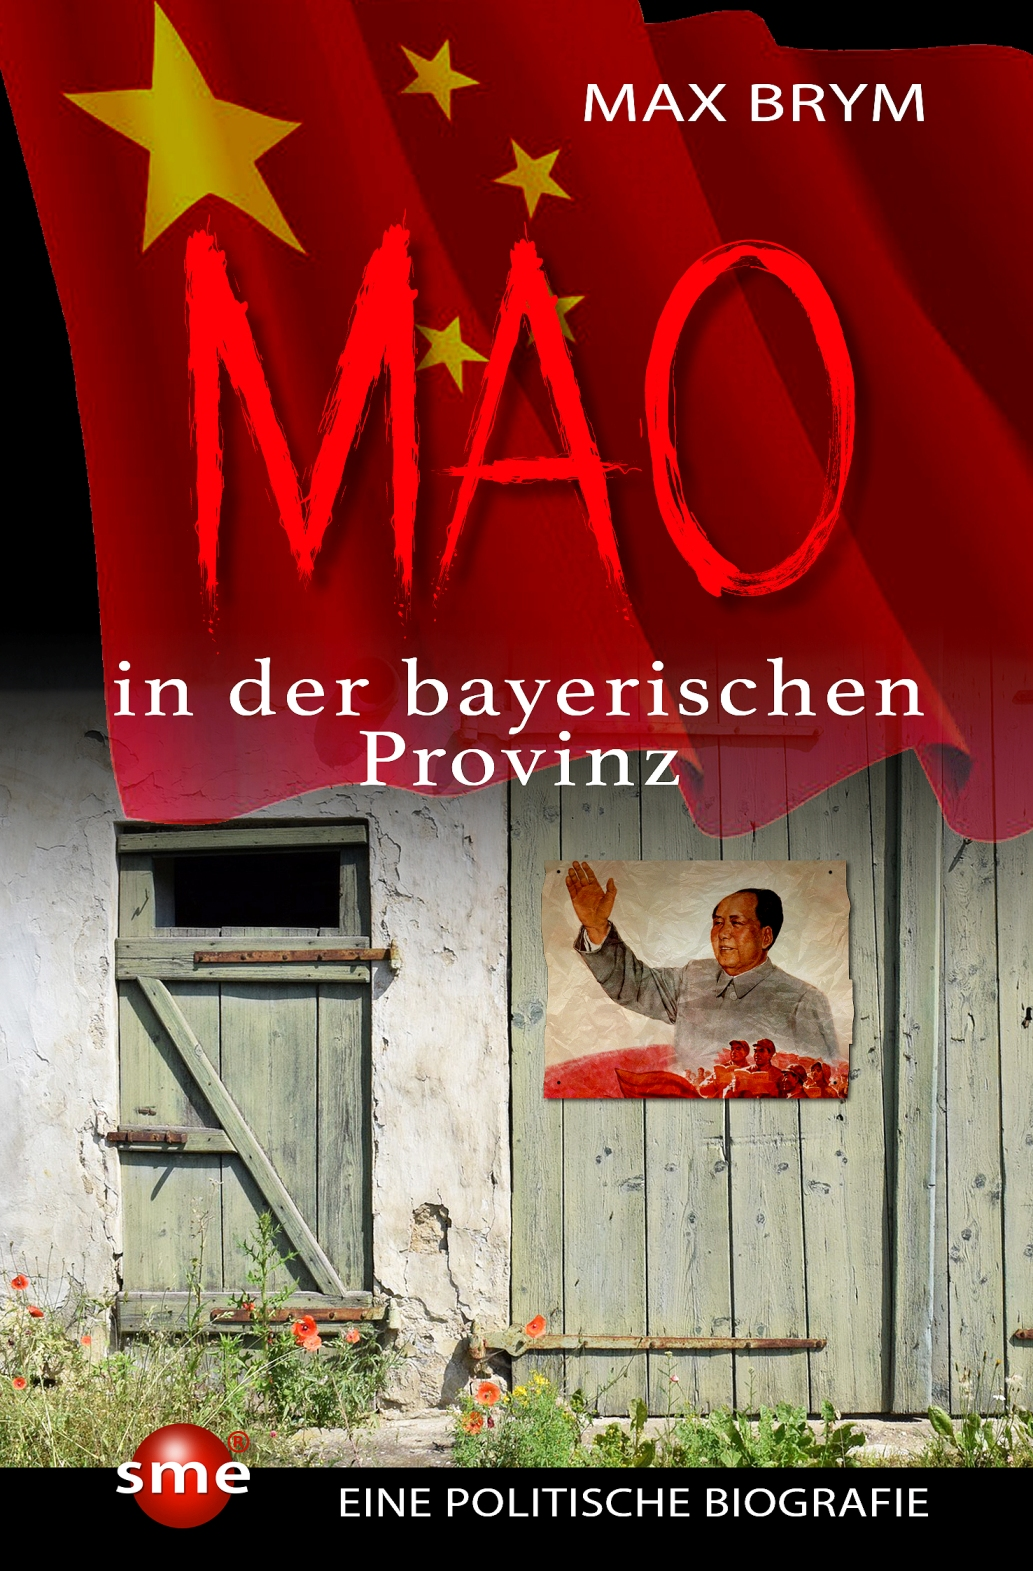 Mao in der bayerischen Provinz